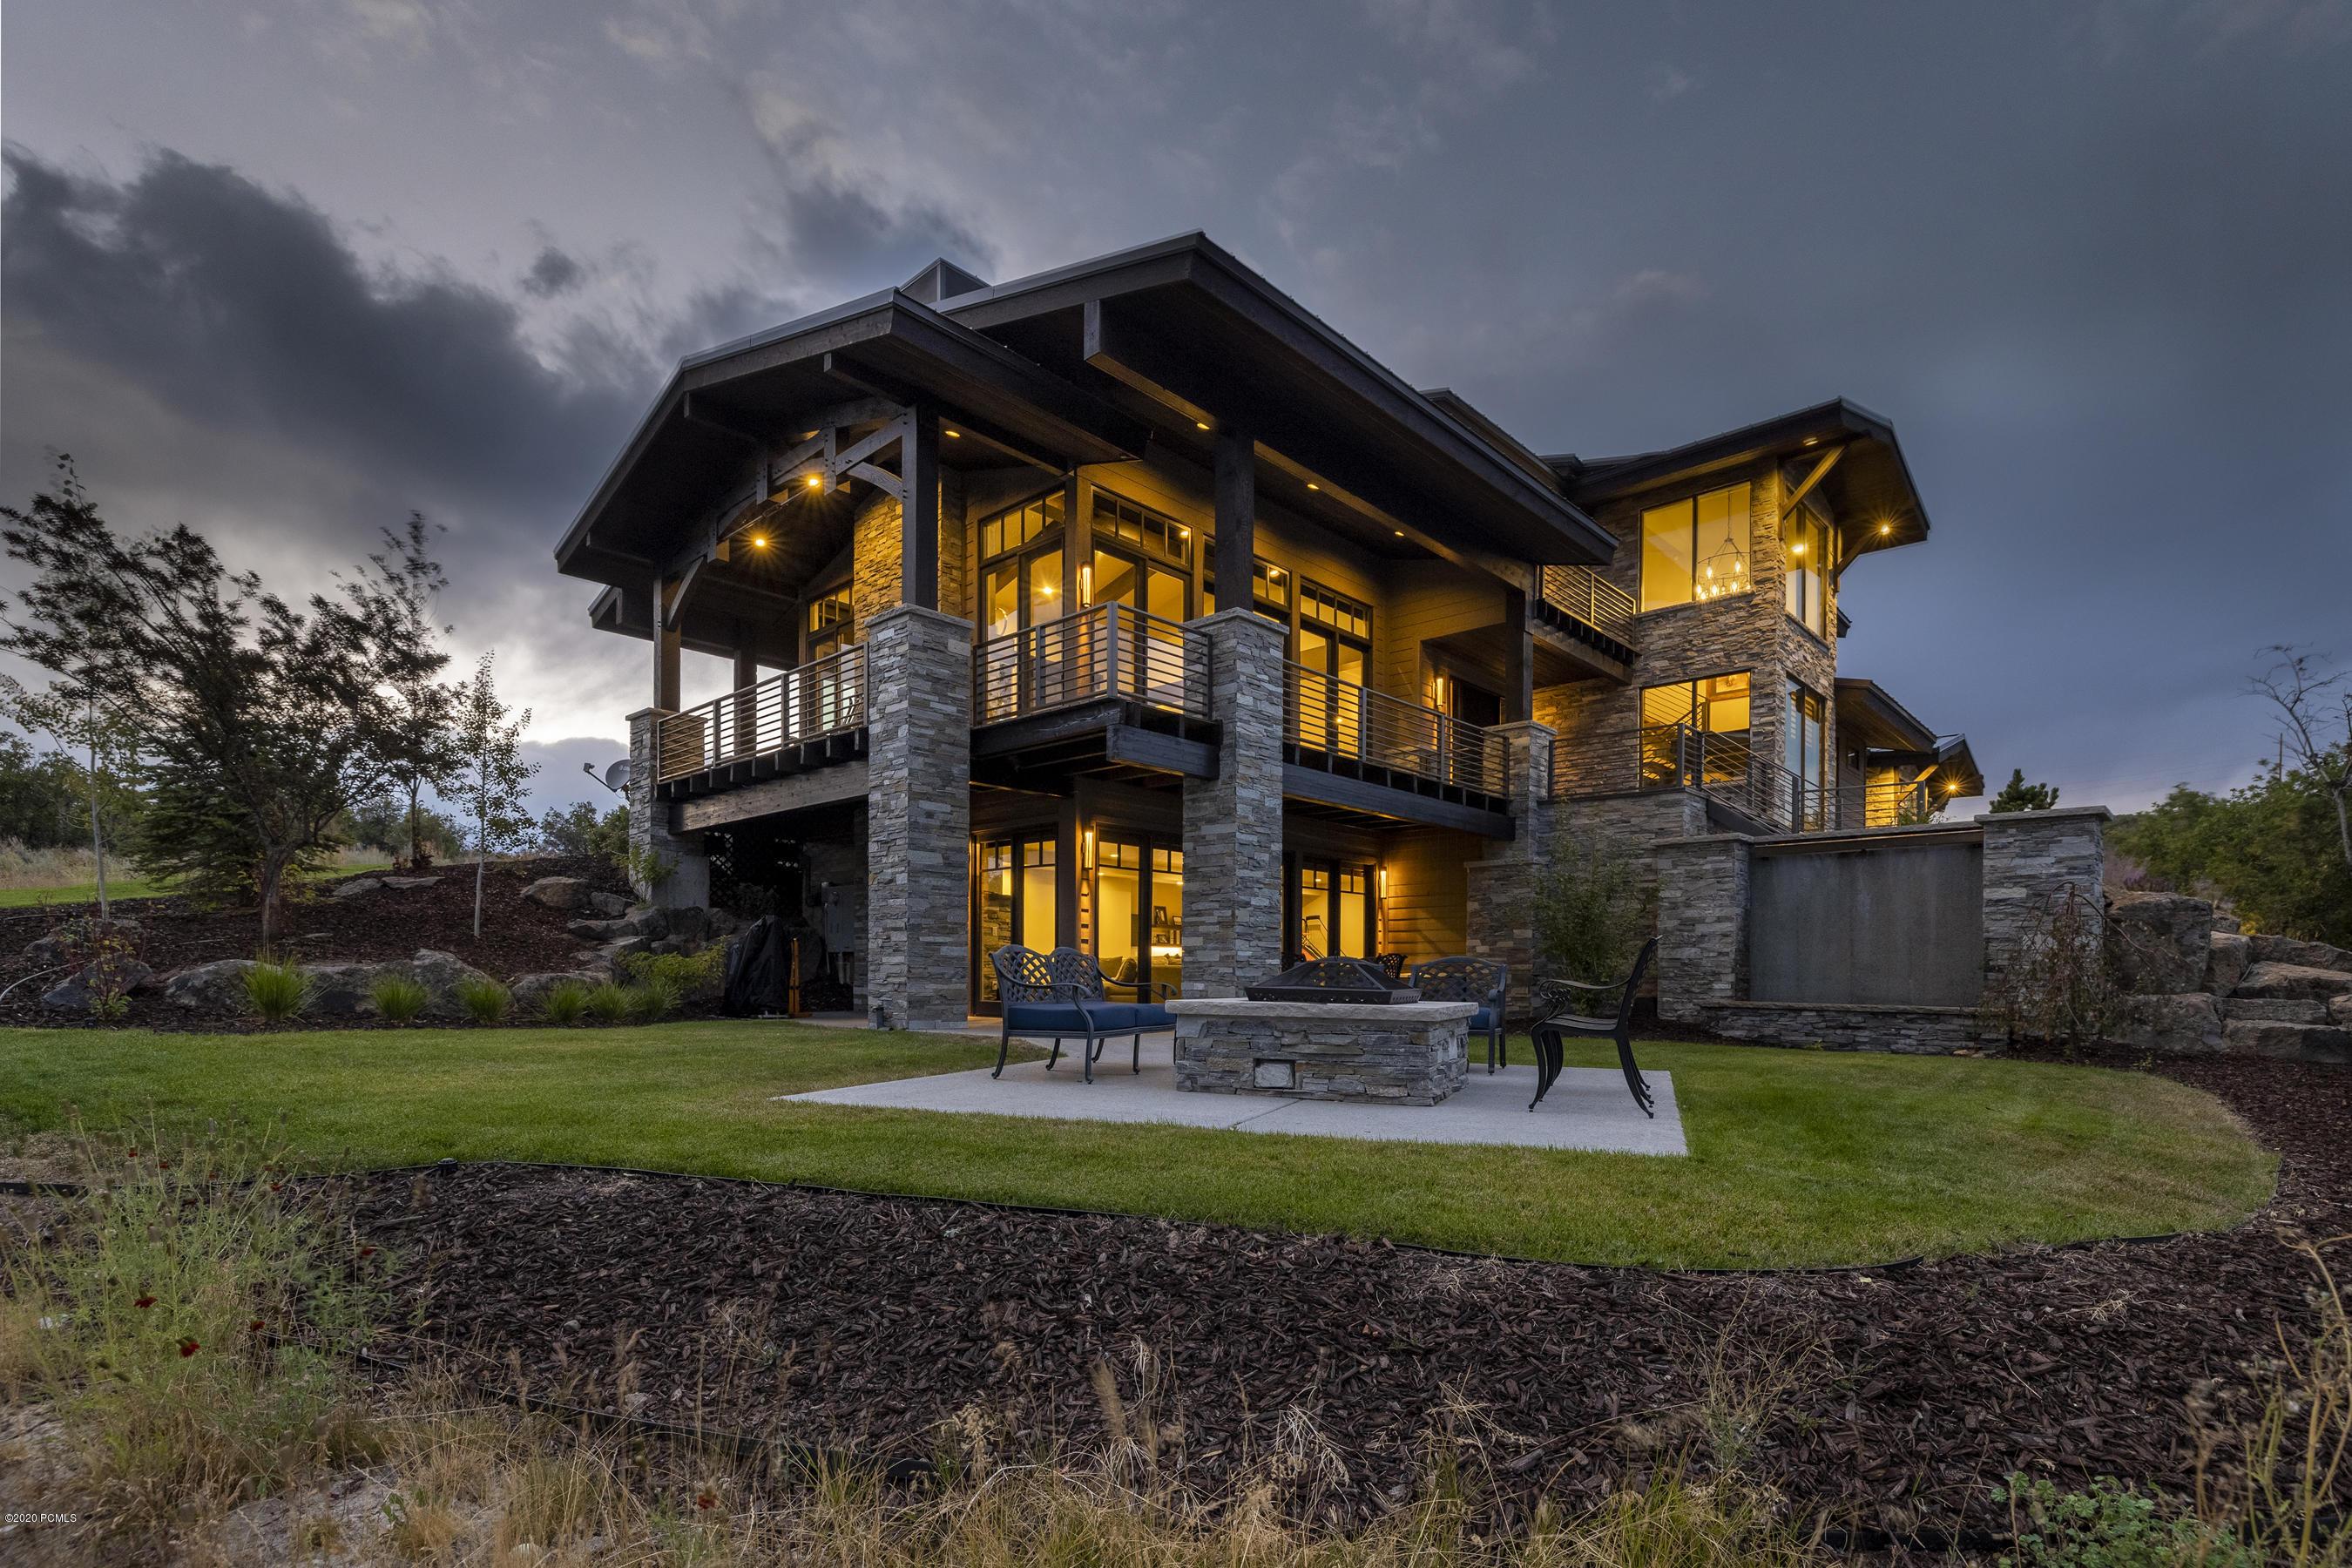 9885 Uinta Drive, Kamas, Utah 84036, 4 Bedrooms Bedrooms, ,5 BathroomsBathrooms,Single Family,For Sale,Uinta,12003302